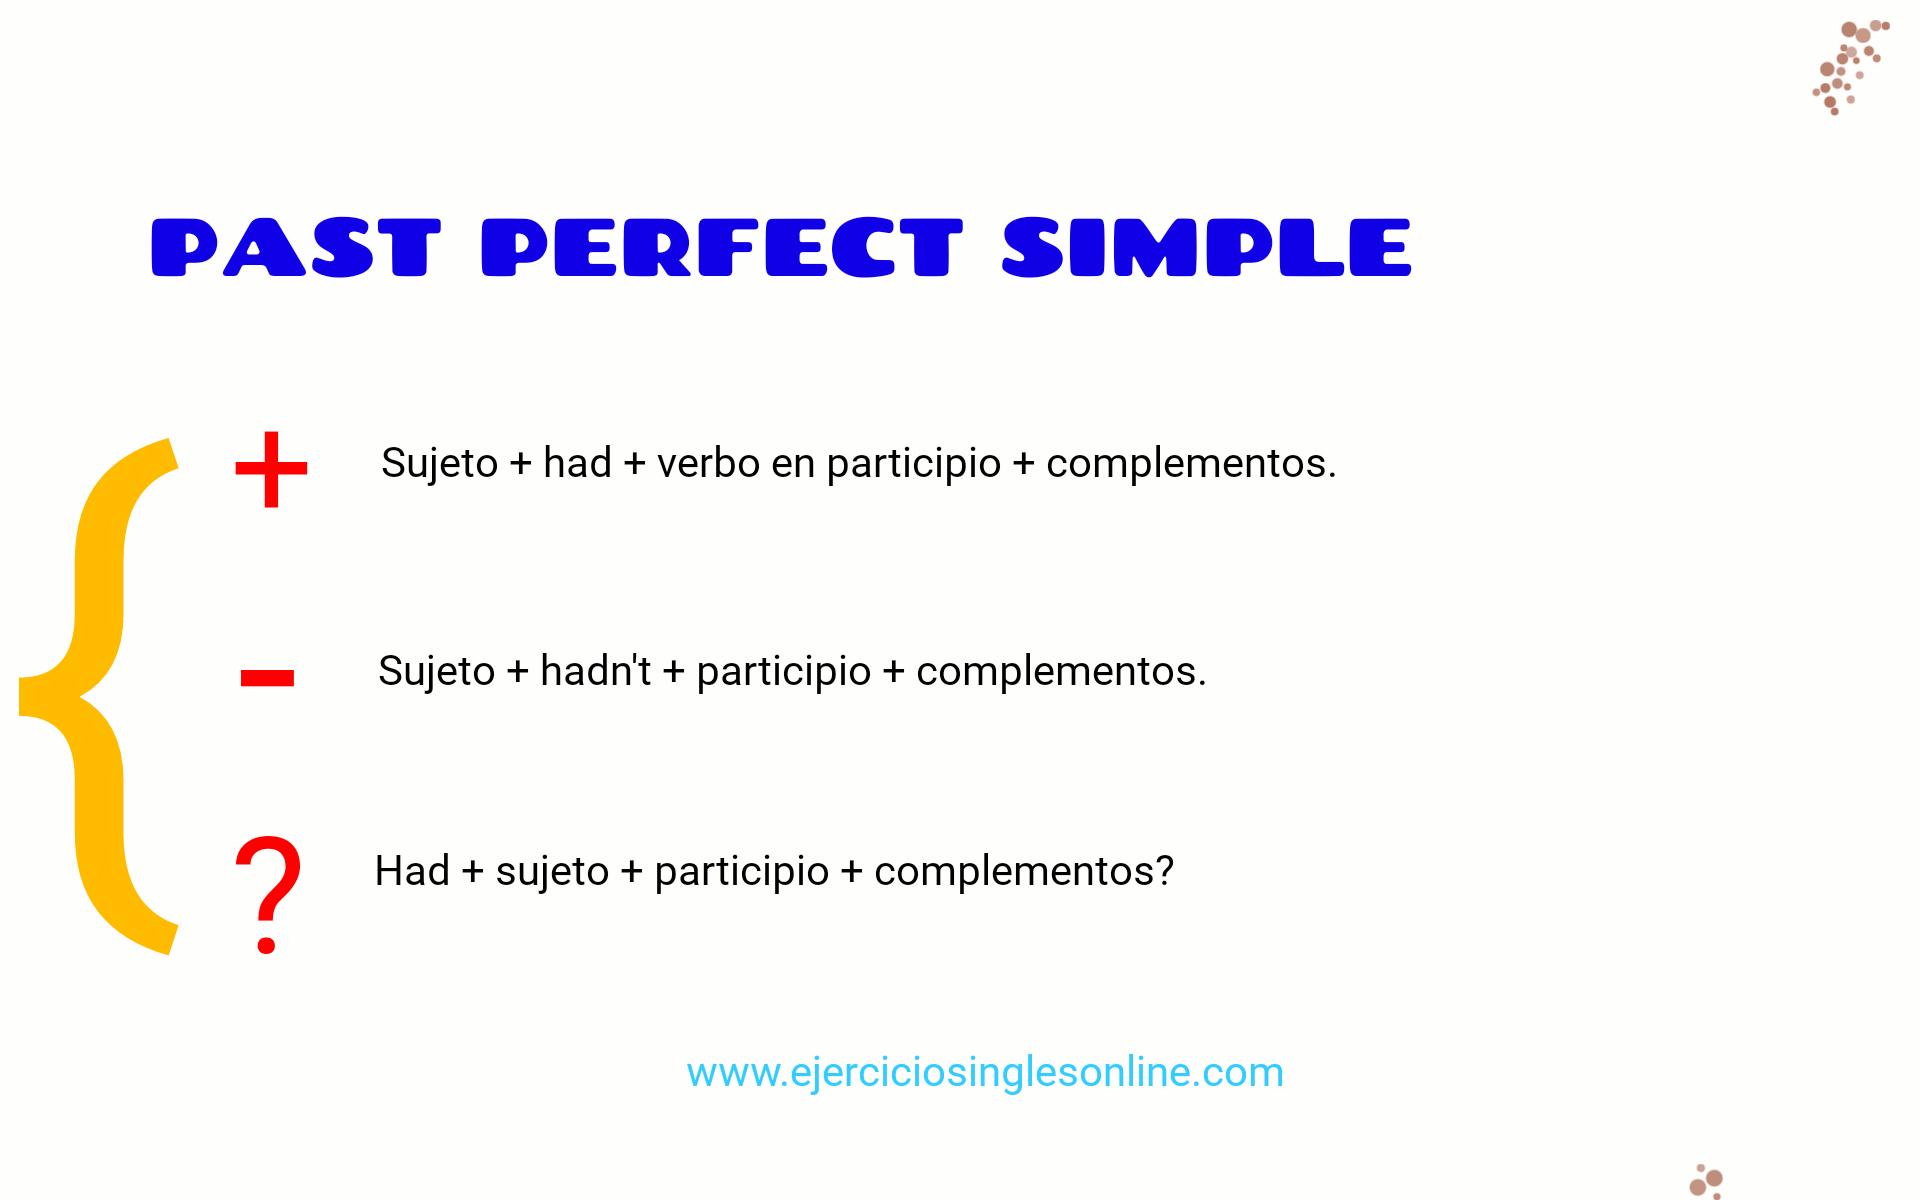 Pasado perfecto simple - Ejercicio 1 - Interactivo